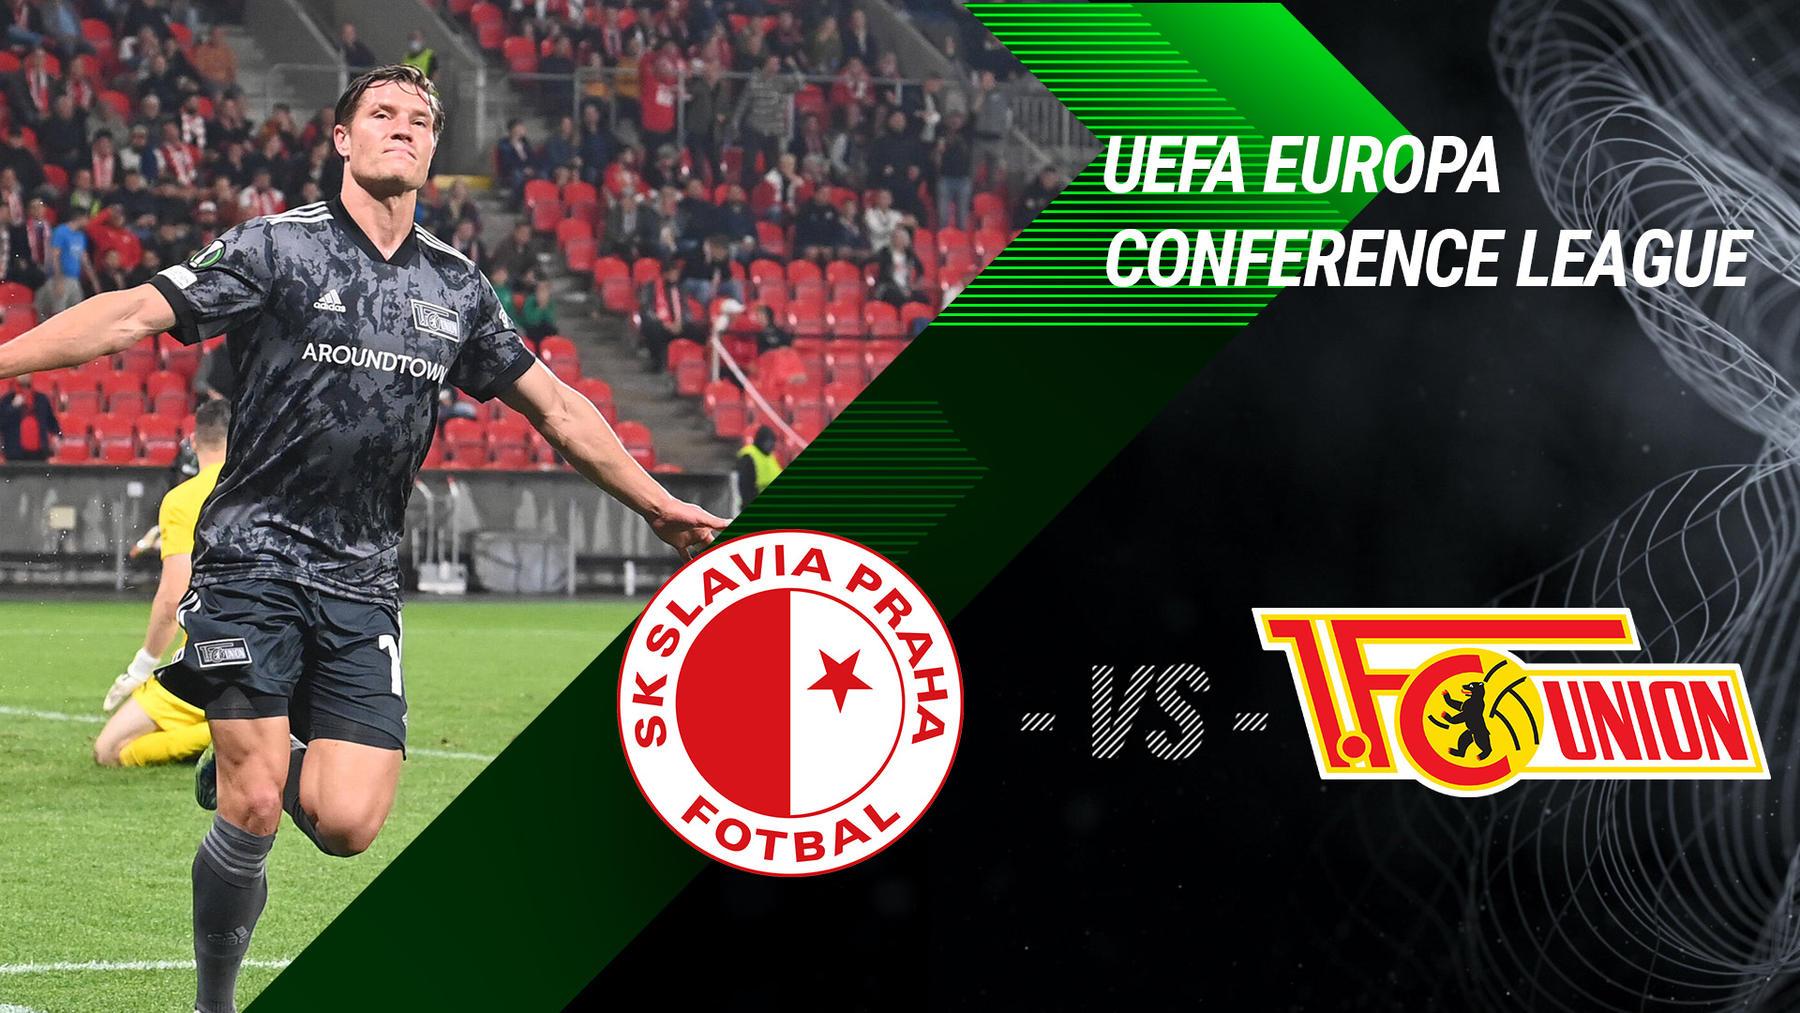 Highlights: Slavia Prag vs. 1. FC Union Berlin